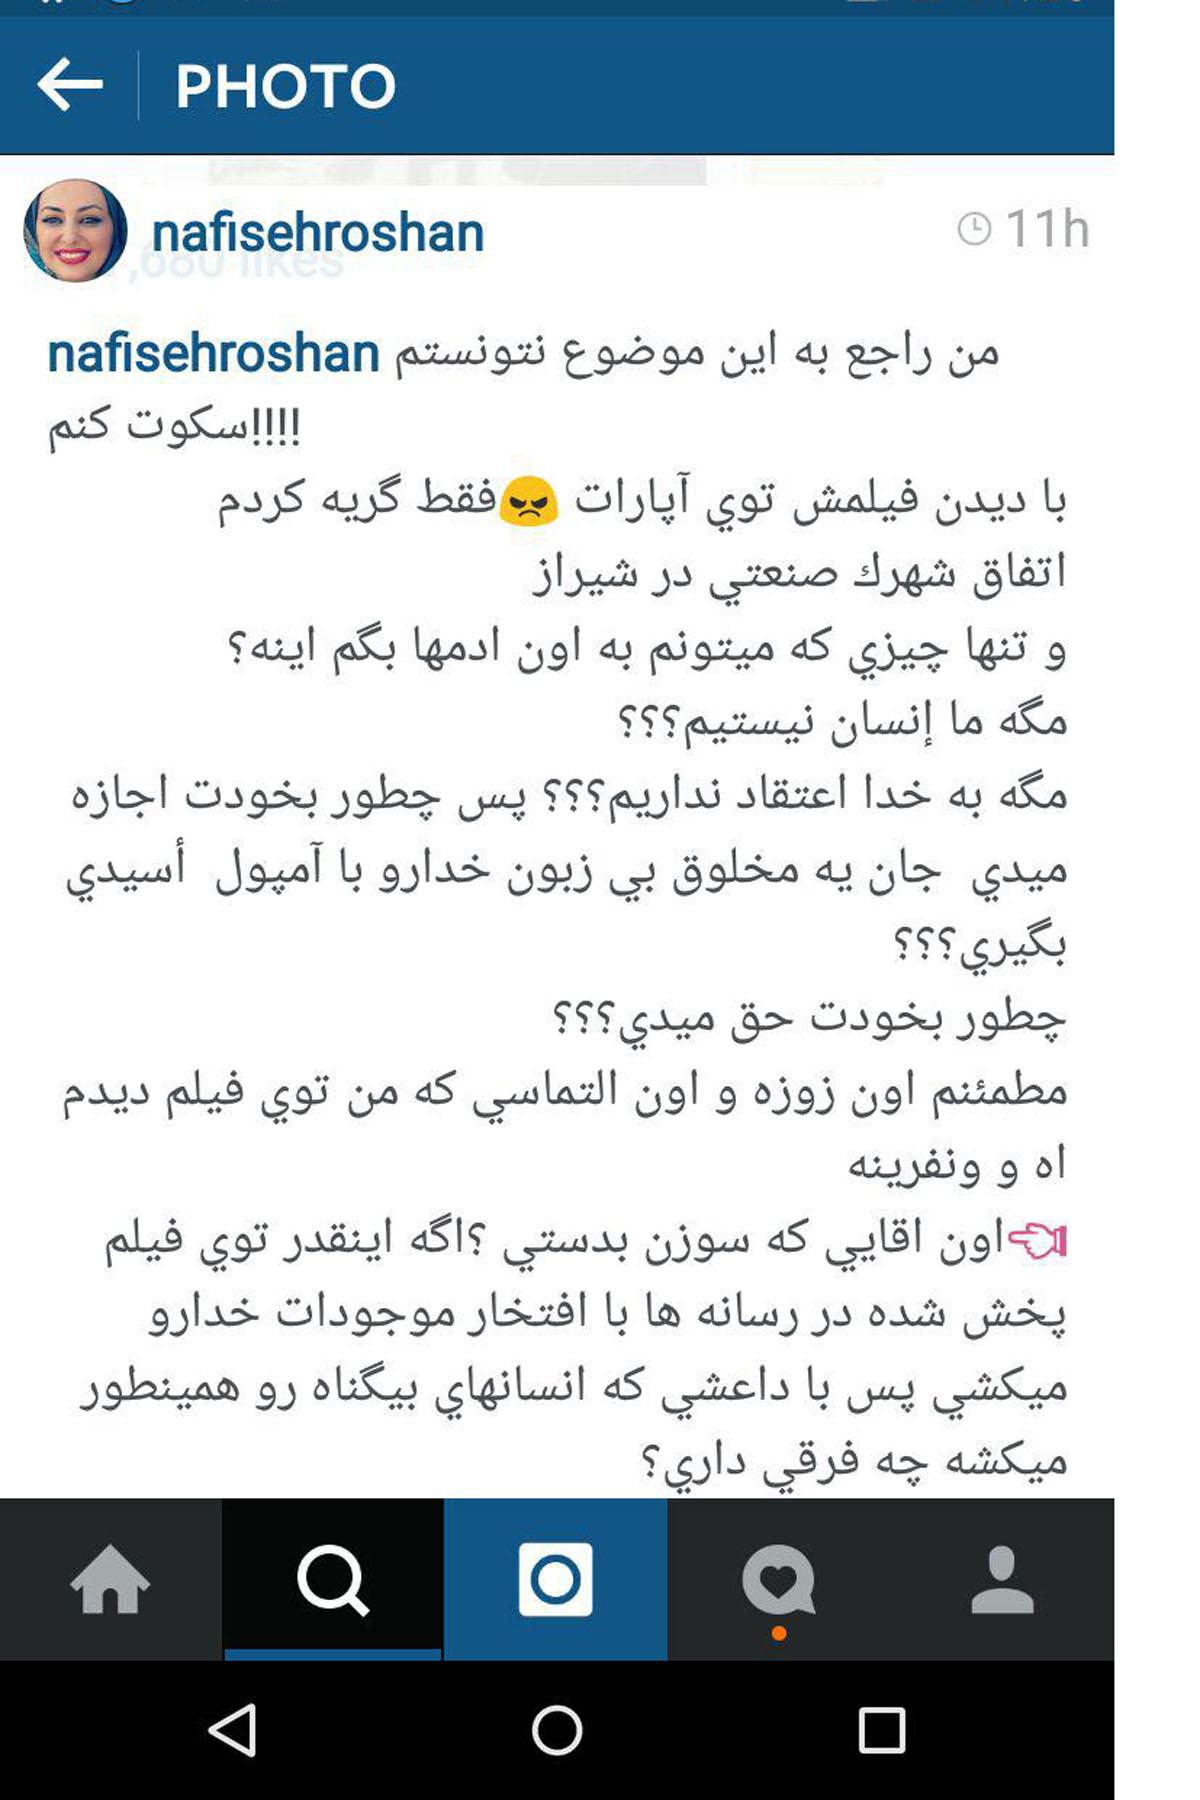 واکنش اینستاگرامی بهرام رادان و نفیسه روشن نسبت به سگ کشی در شیراز